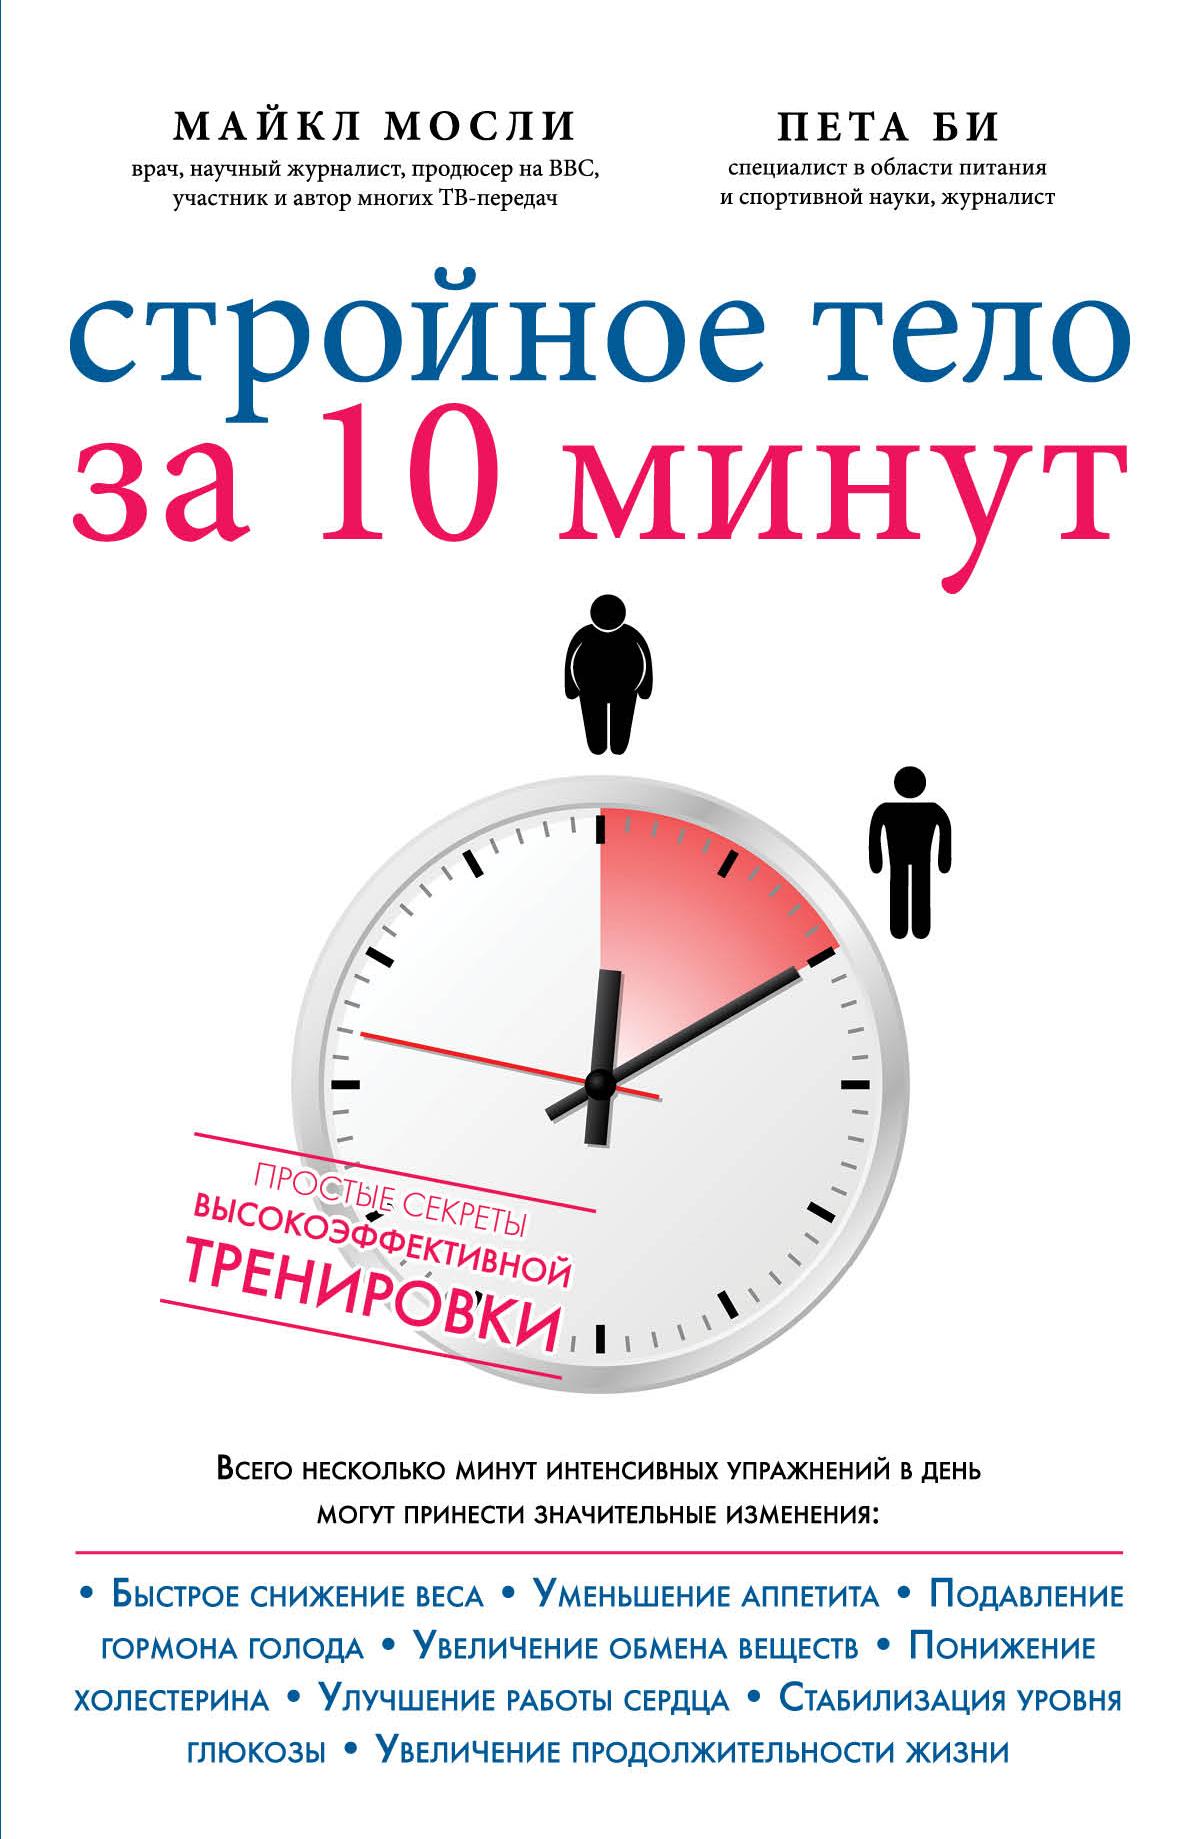 Упражнения для тех, кто не любит тренироваться от book24.ru